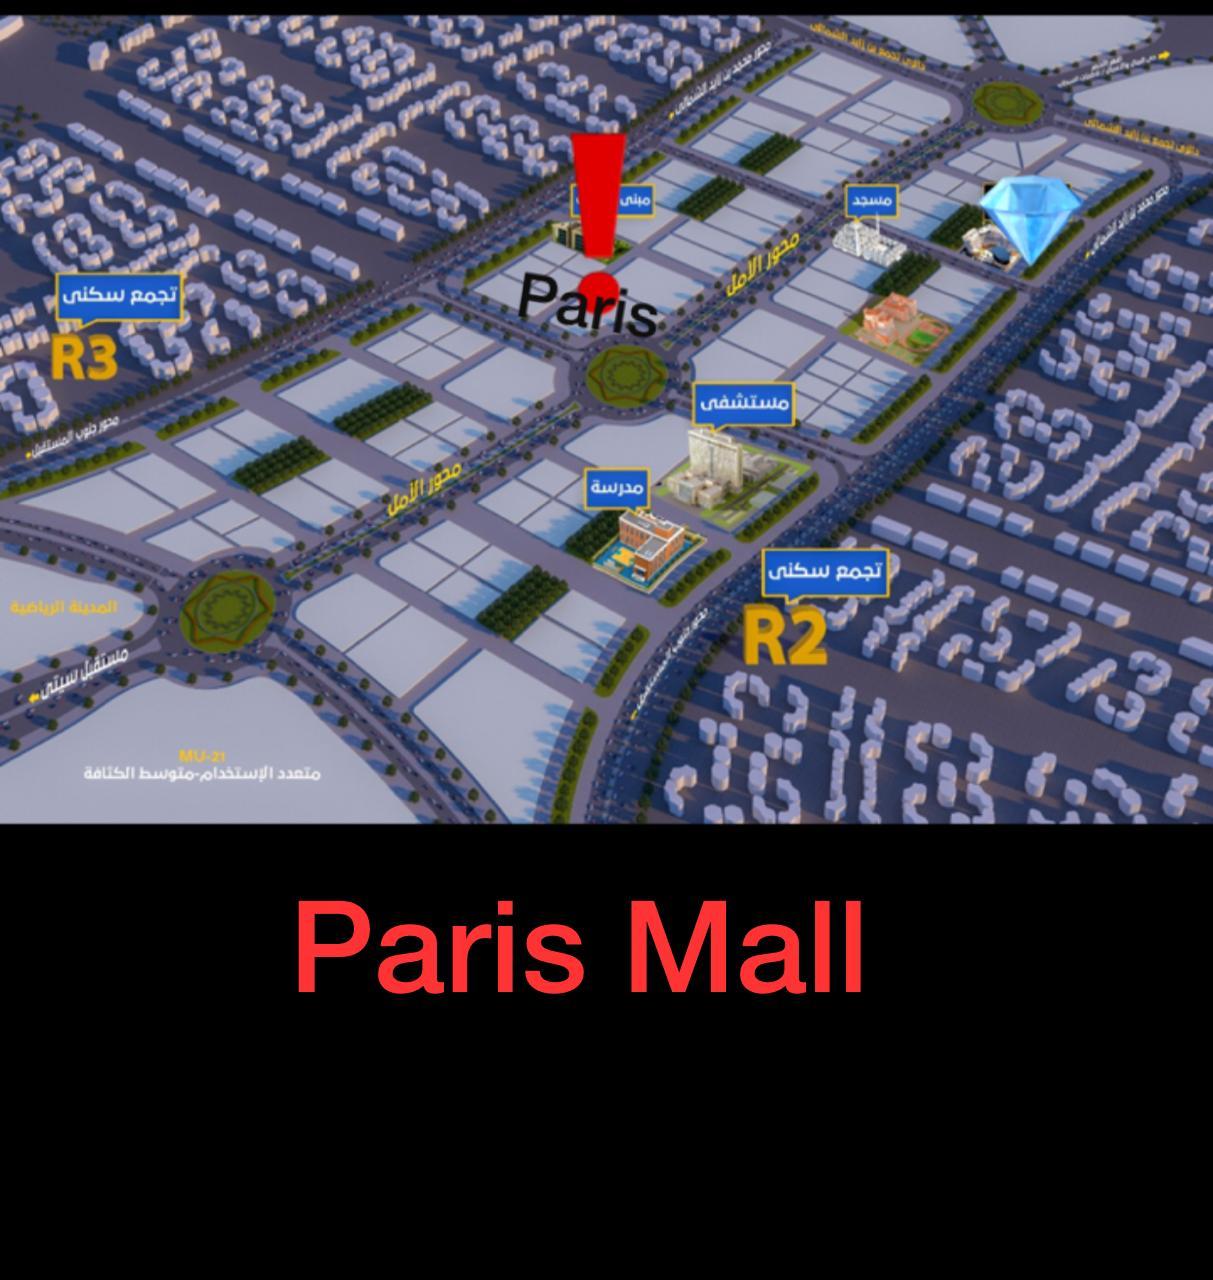 صيدلية للبيع بمول باريس العاصمة الادارية وموقع المول